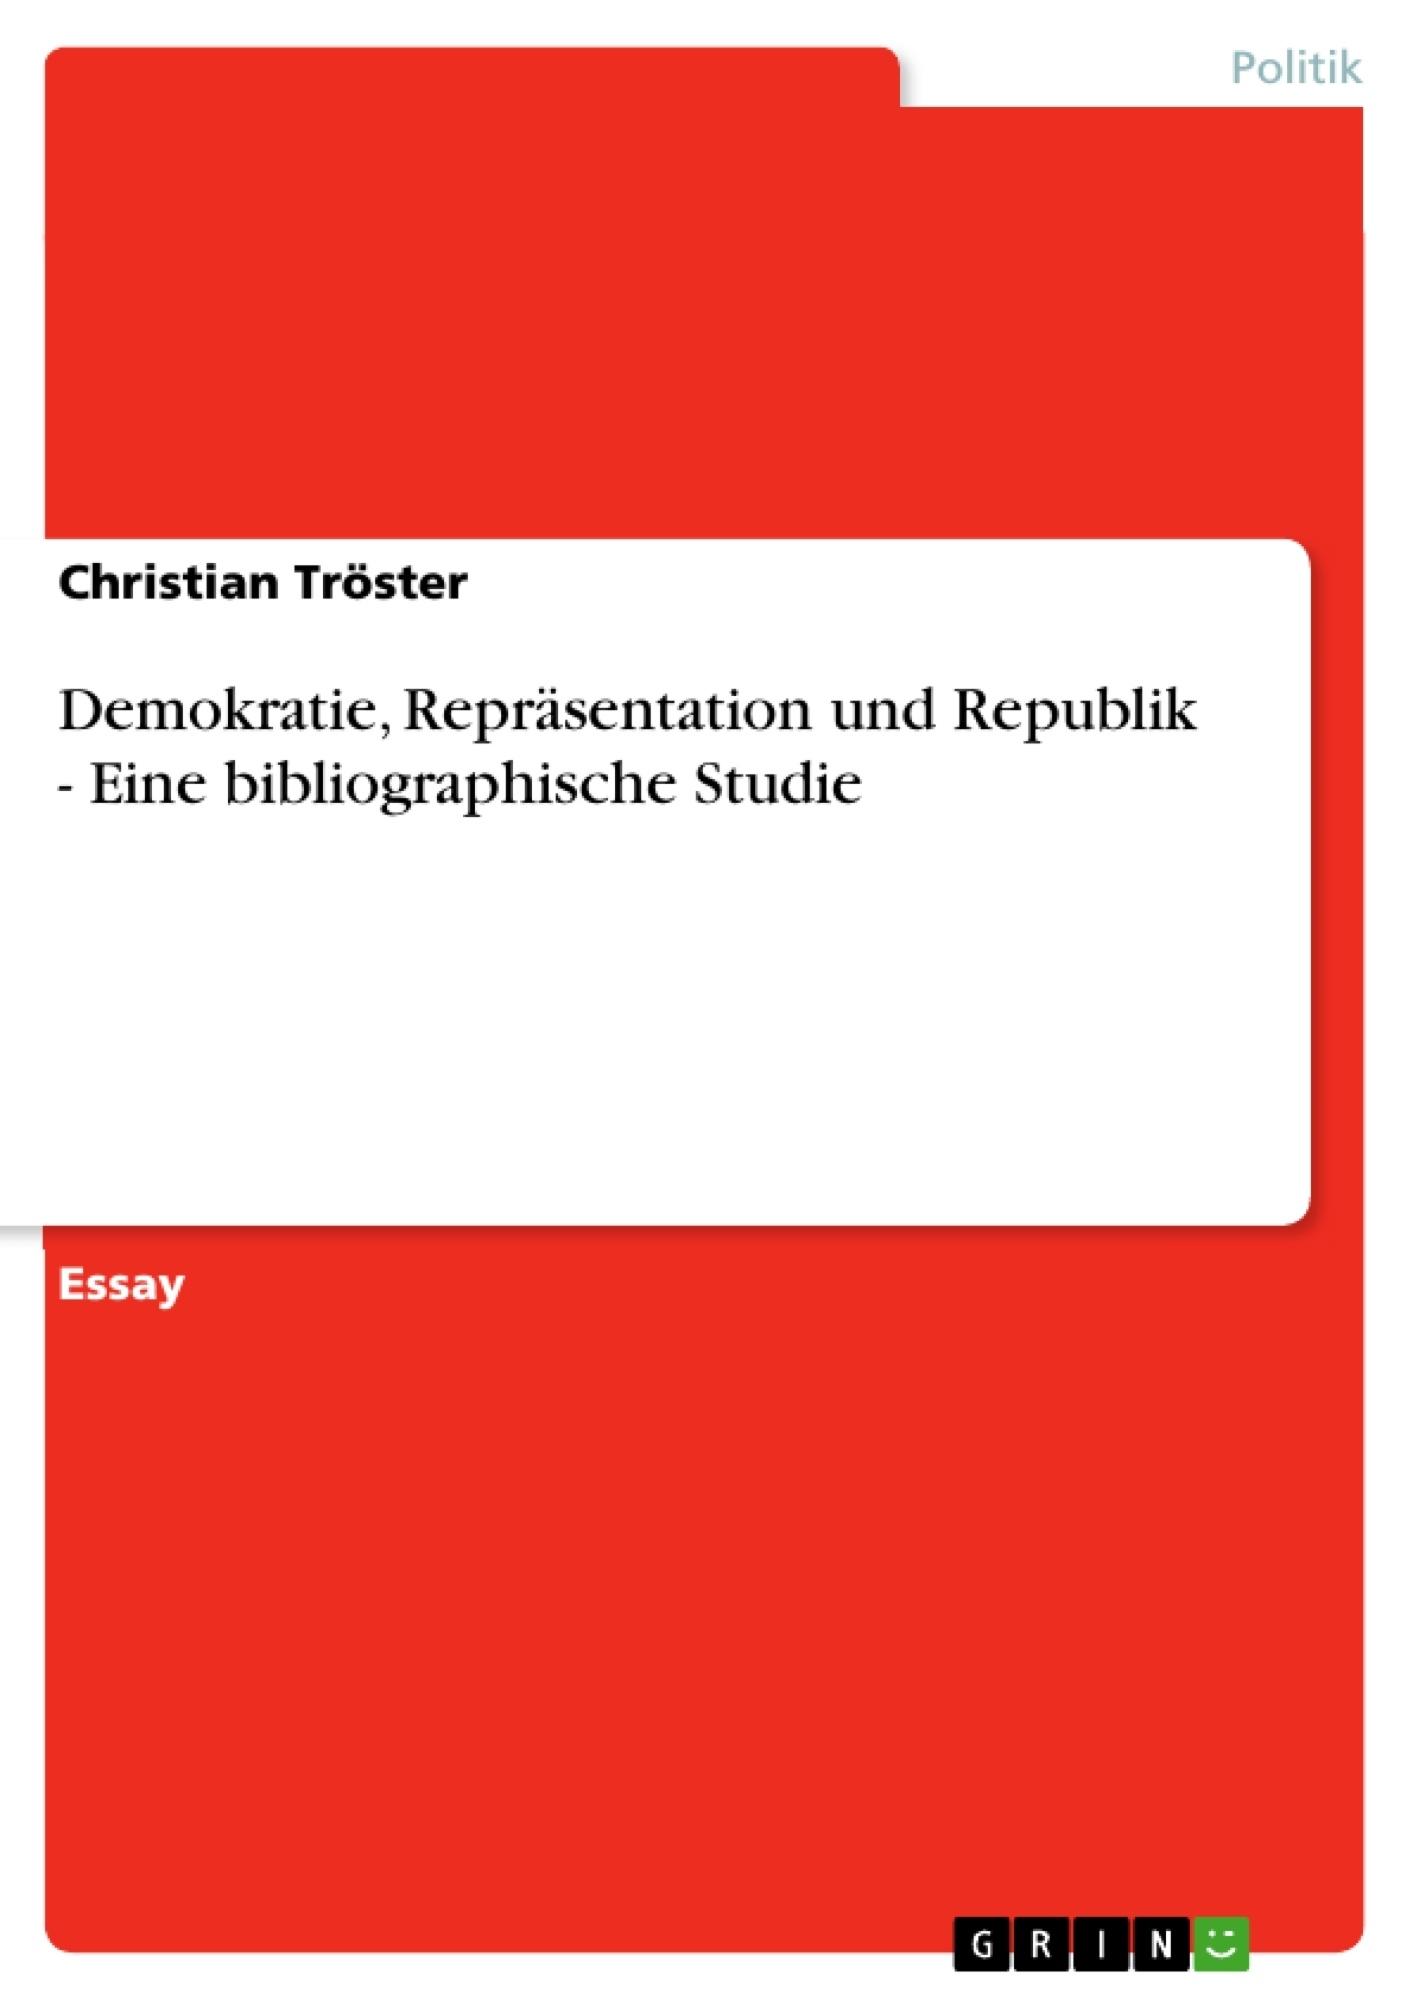 Titel: Demokratie, Repräsentation und Republik - Eine bibliographische Studie